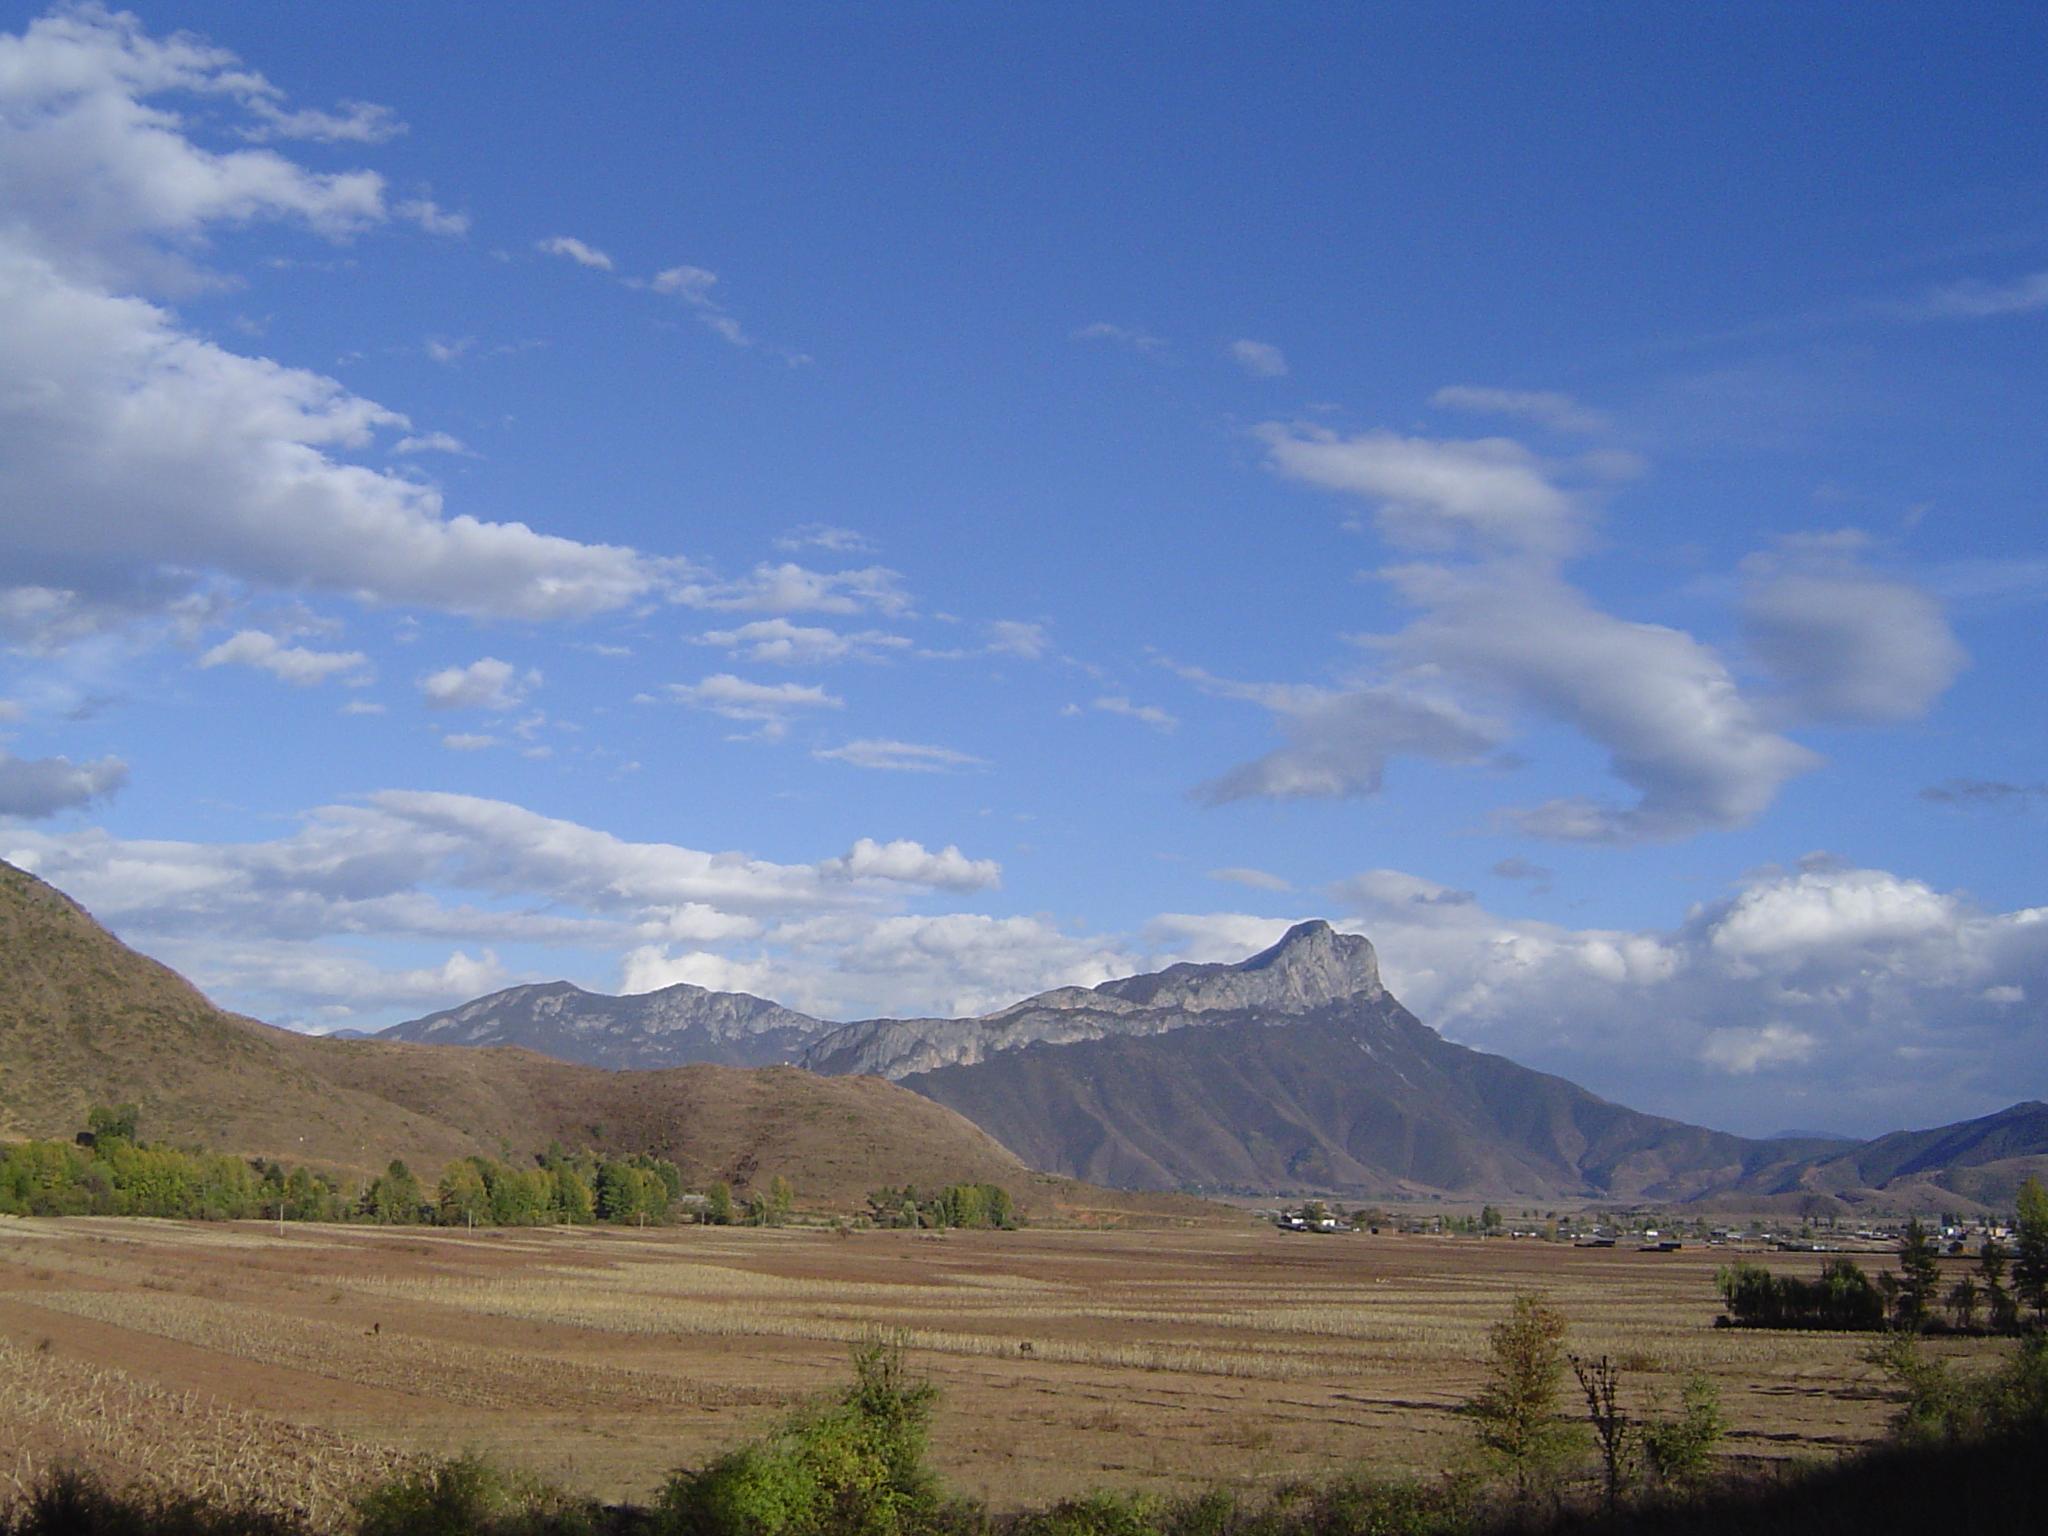 La plaine de Yongning, à la frontière entre Yunnan et Sichuan (sud-ouest de la Chine)